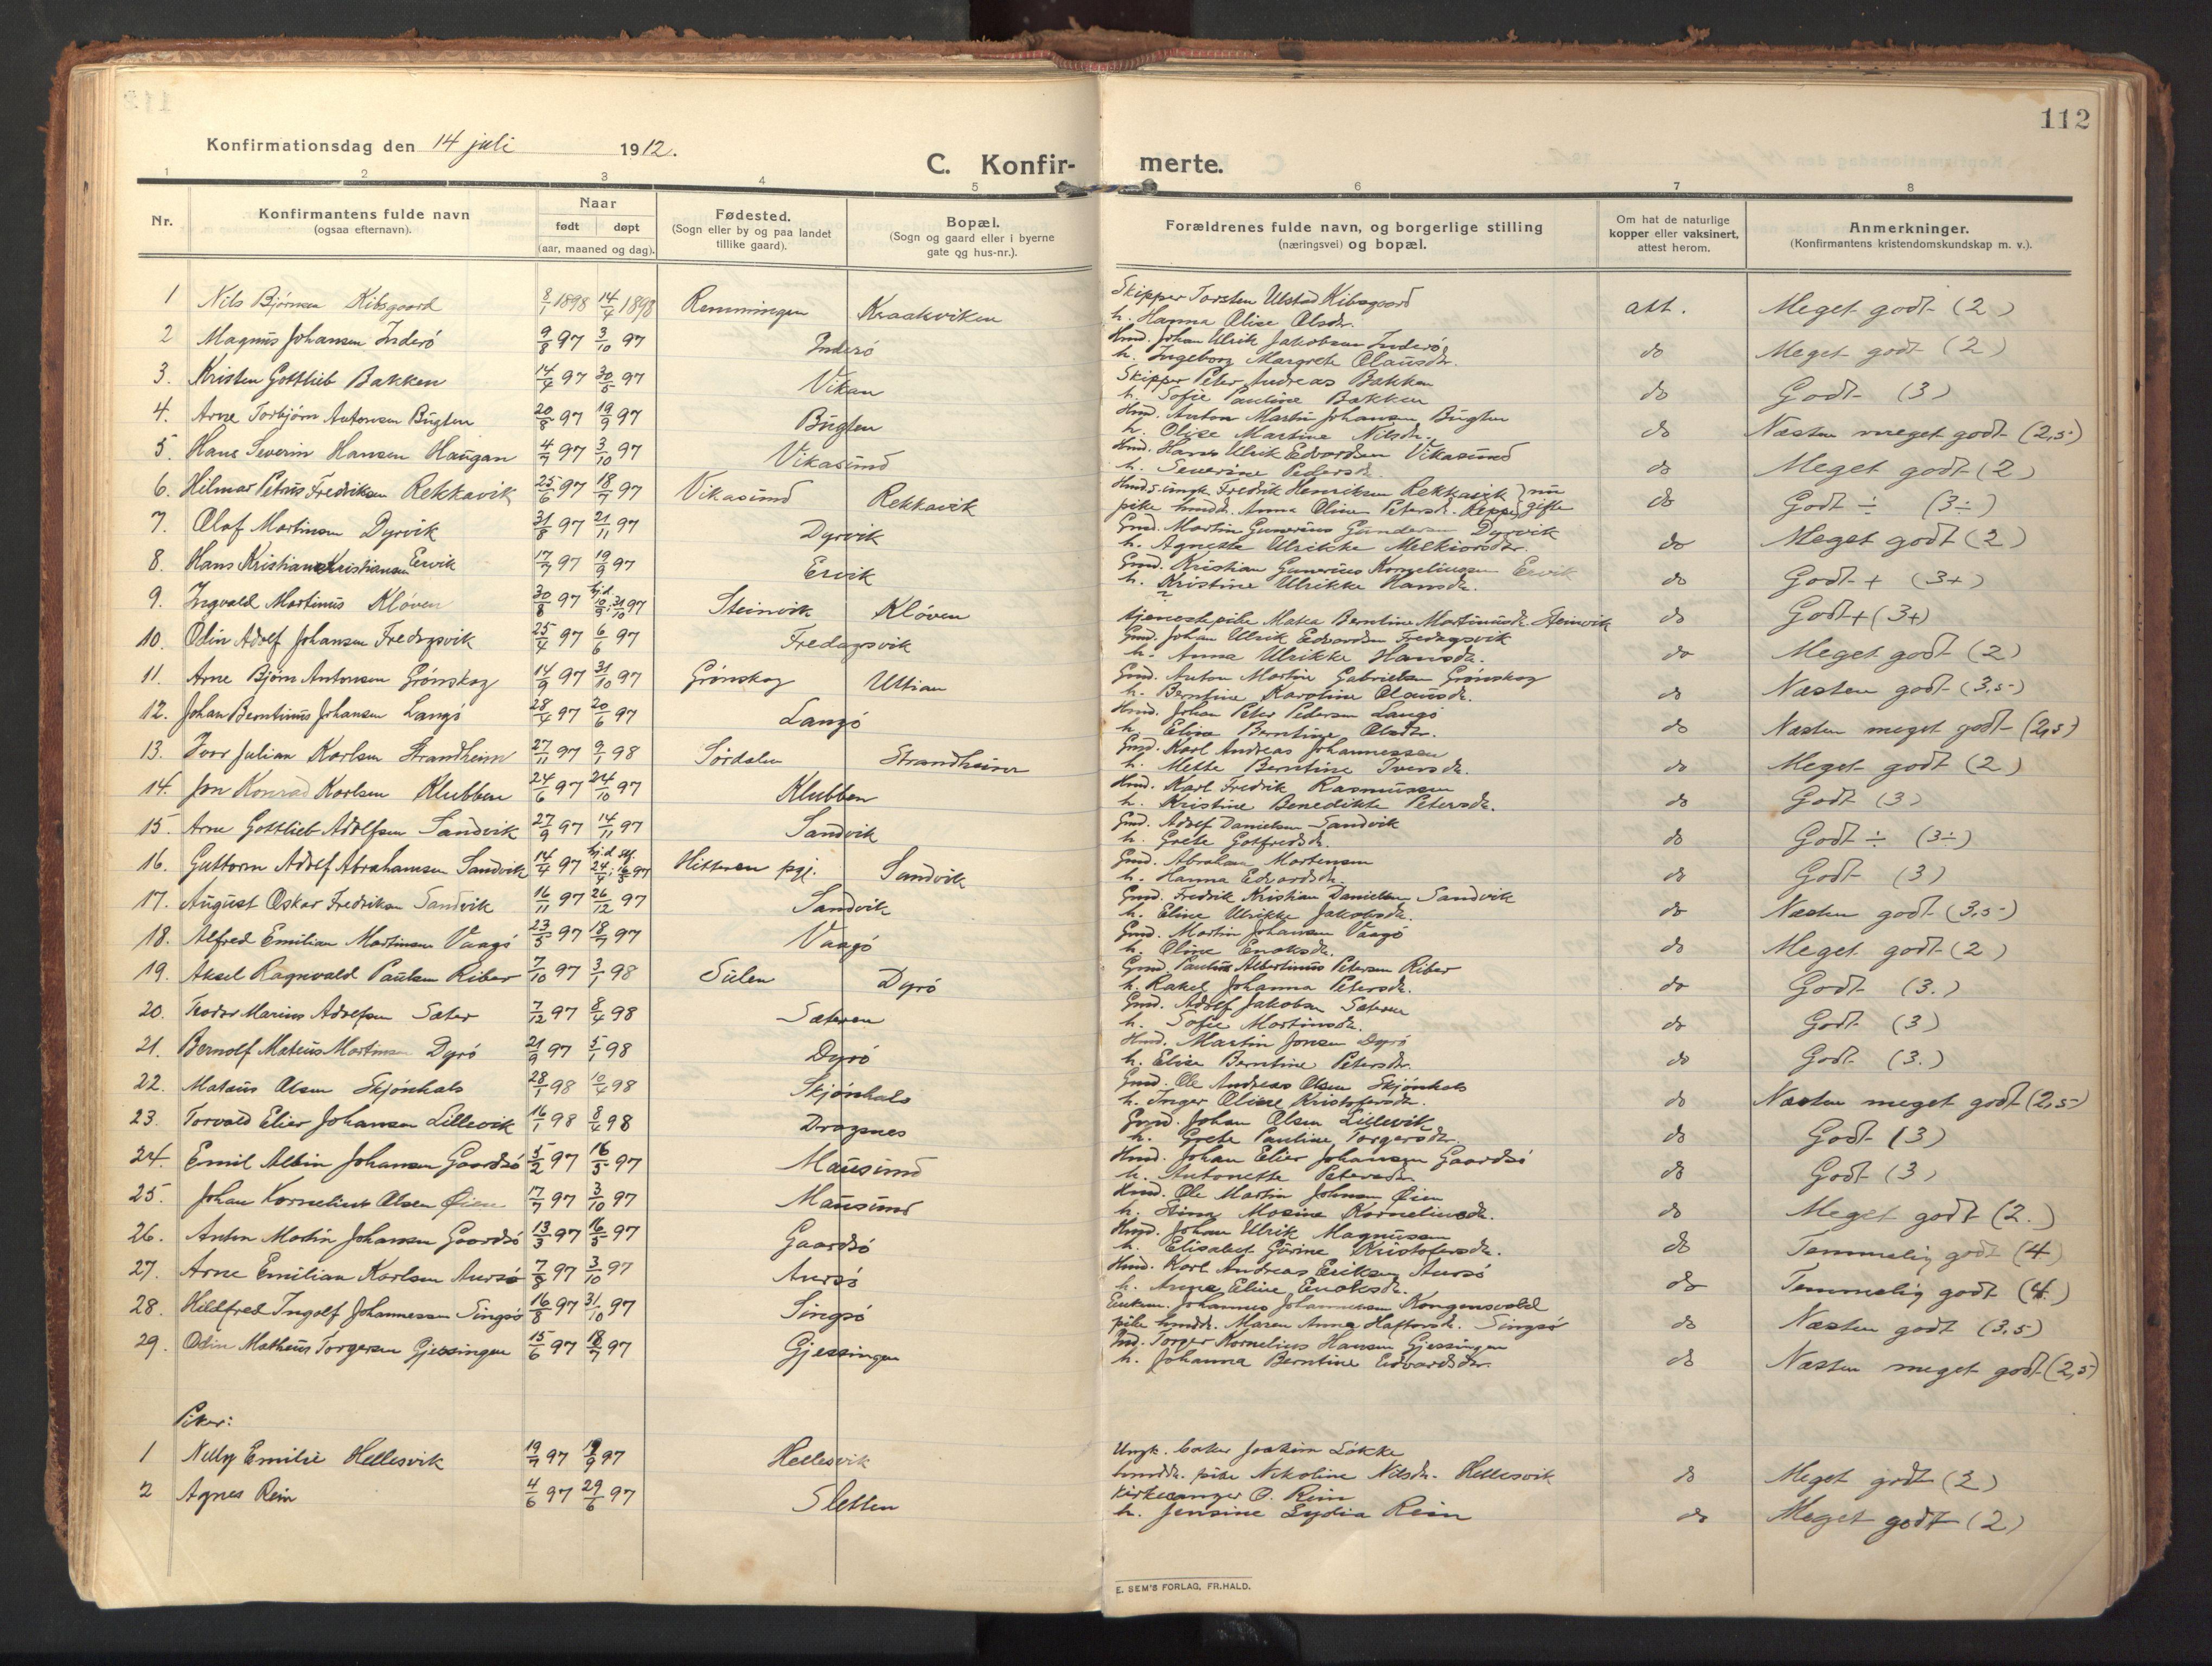 SAT, Ministerialprotokoller, klokkerbøker og fødselsregistre - Sør-Trøndelag, 640/L0581: Ministerialbok nr. 640A06, 1910-1924, s. 112